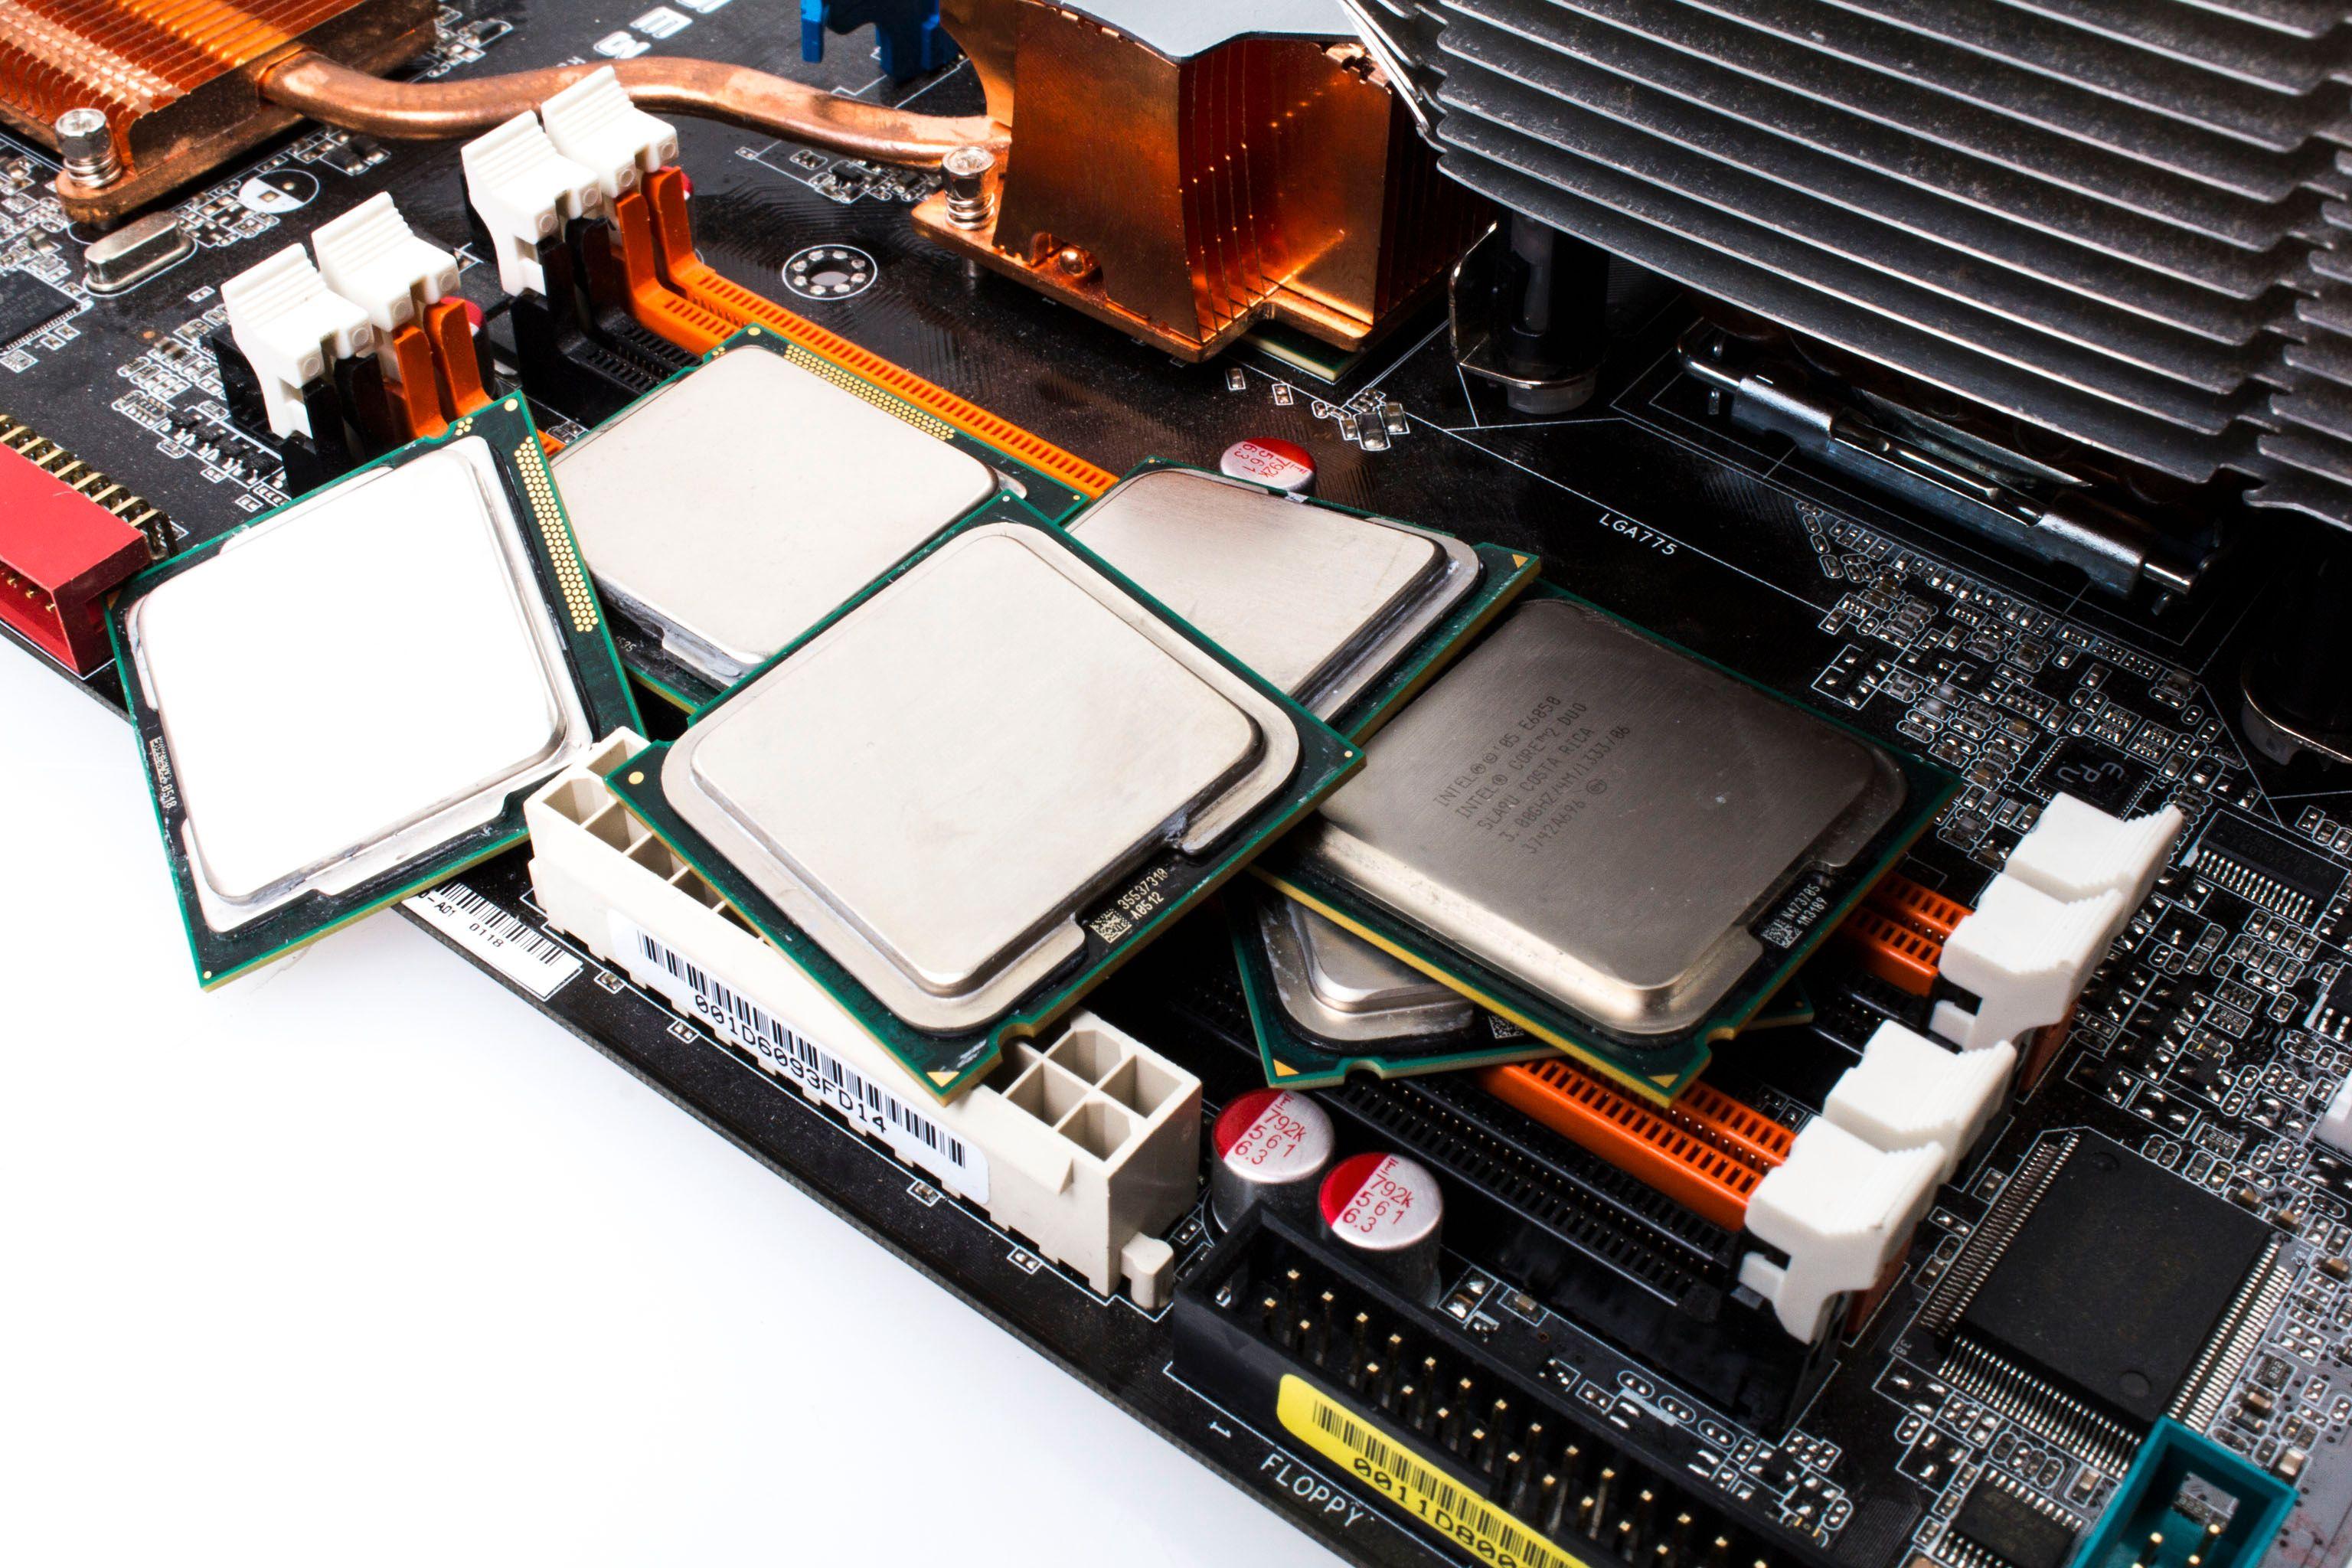 Det har blitt en del prosessorbytting underveis i jakten på den beste oppgraderingen for spill.Foto: Varg Aamo, Hardware.no